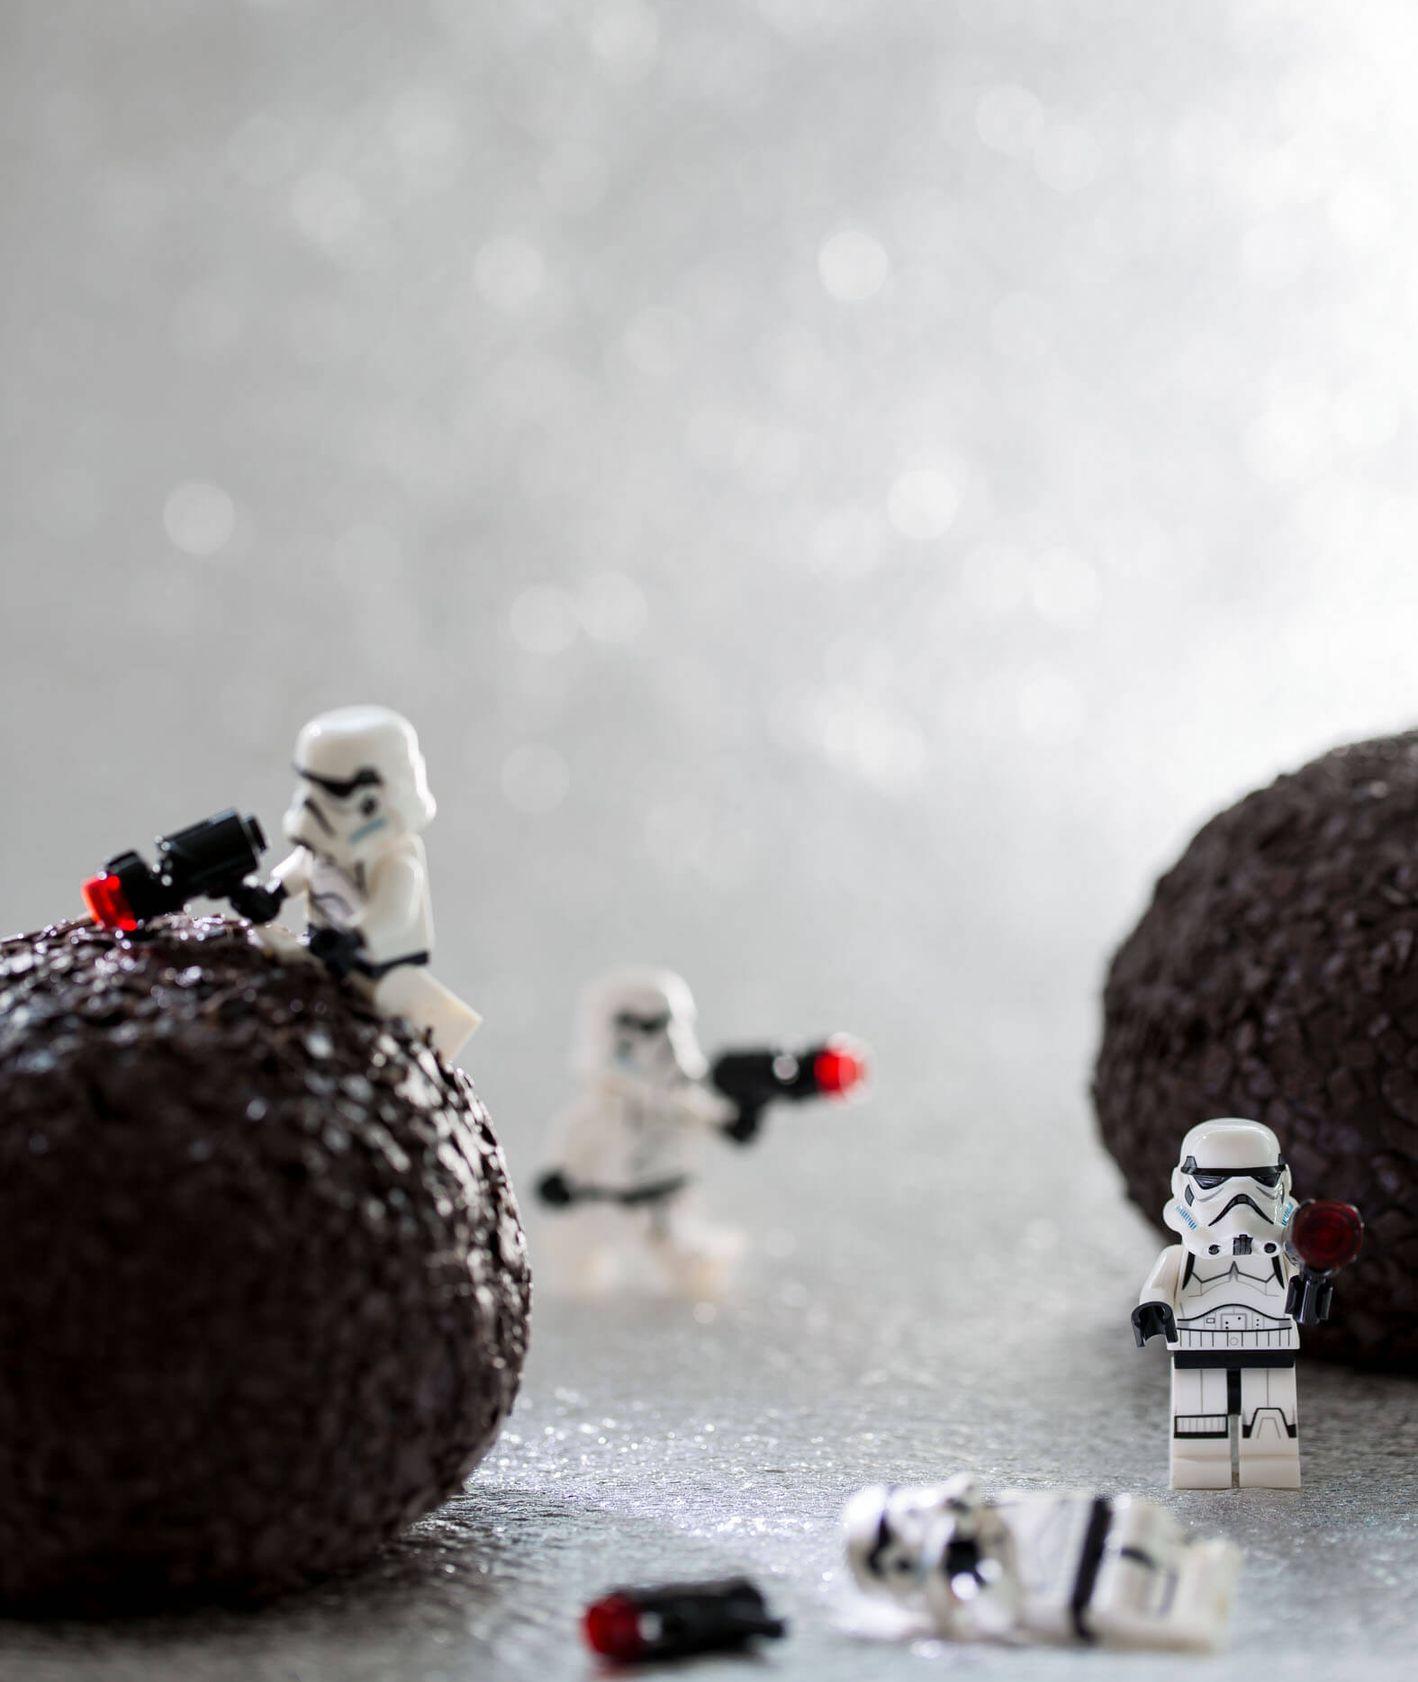 Postaci z Gwiezdnych Wojen wspinające się na trufle - o jedzeniowym aspekcie filmu (fot. Łukasz Smudziński)